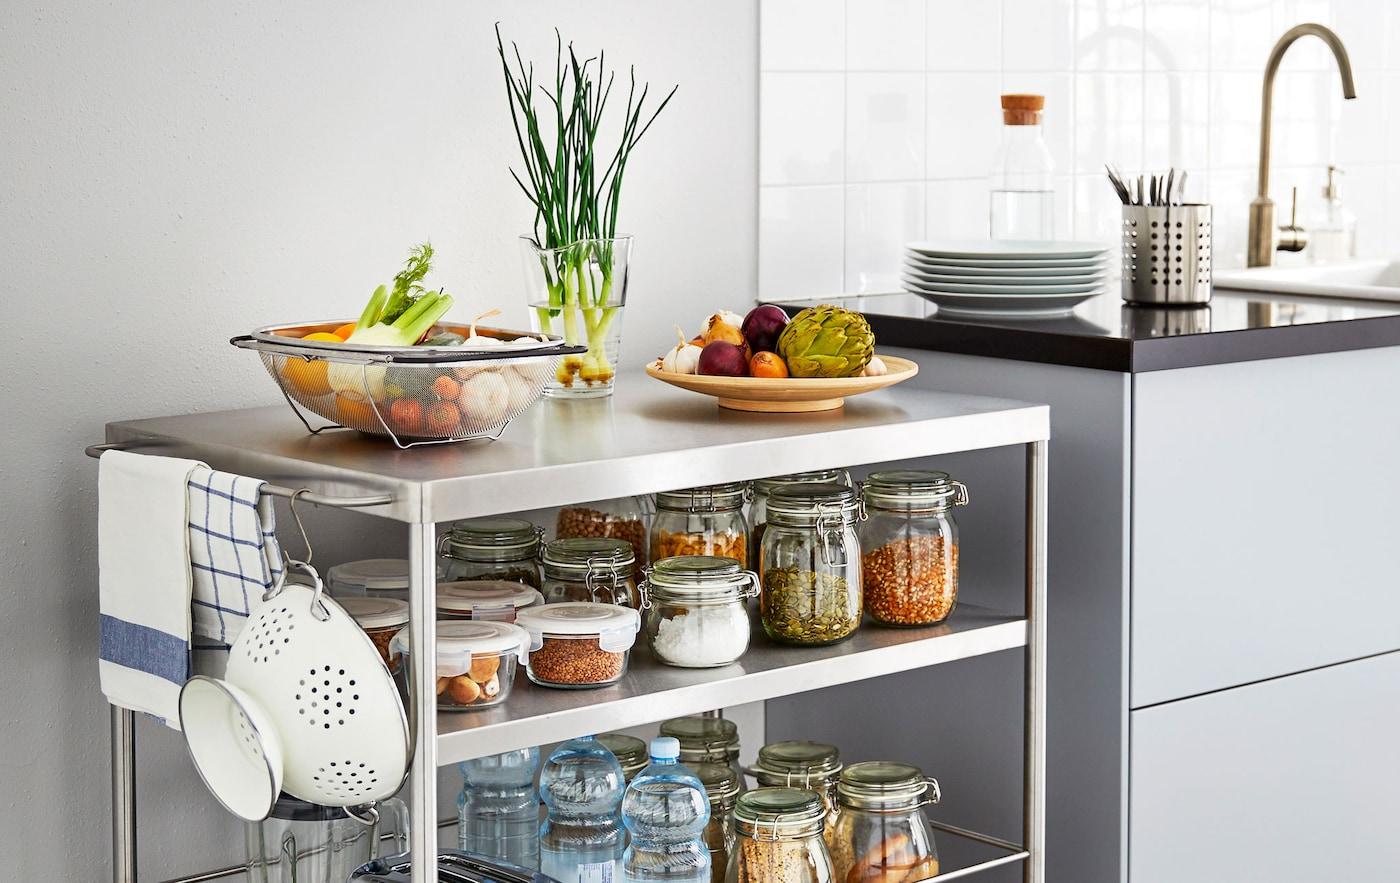 Îlot de cuisine métallique sur roulettes rempli de bocaux d'ingrédients, à côté d'un plan de travail.